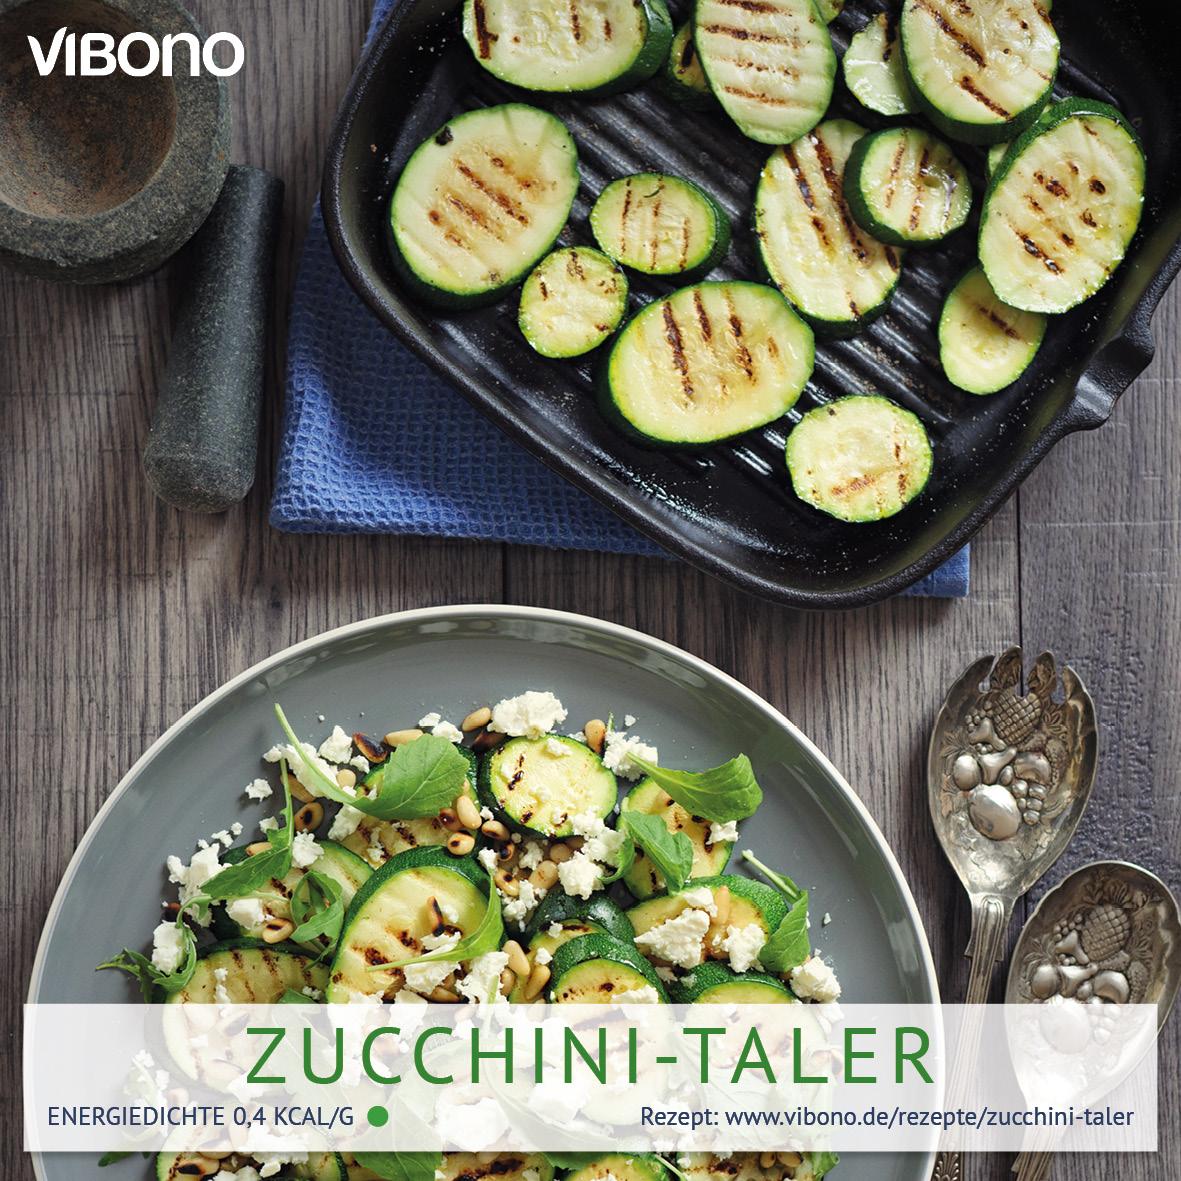 Zucchini-Taler